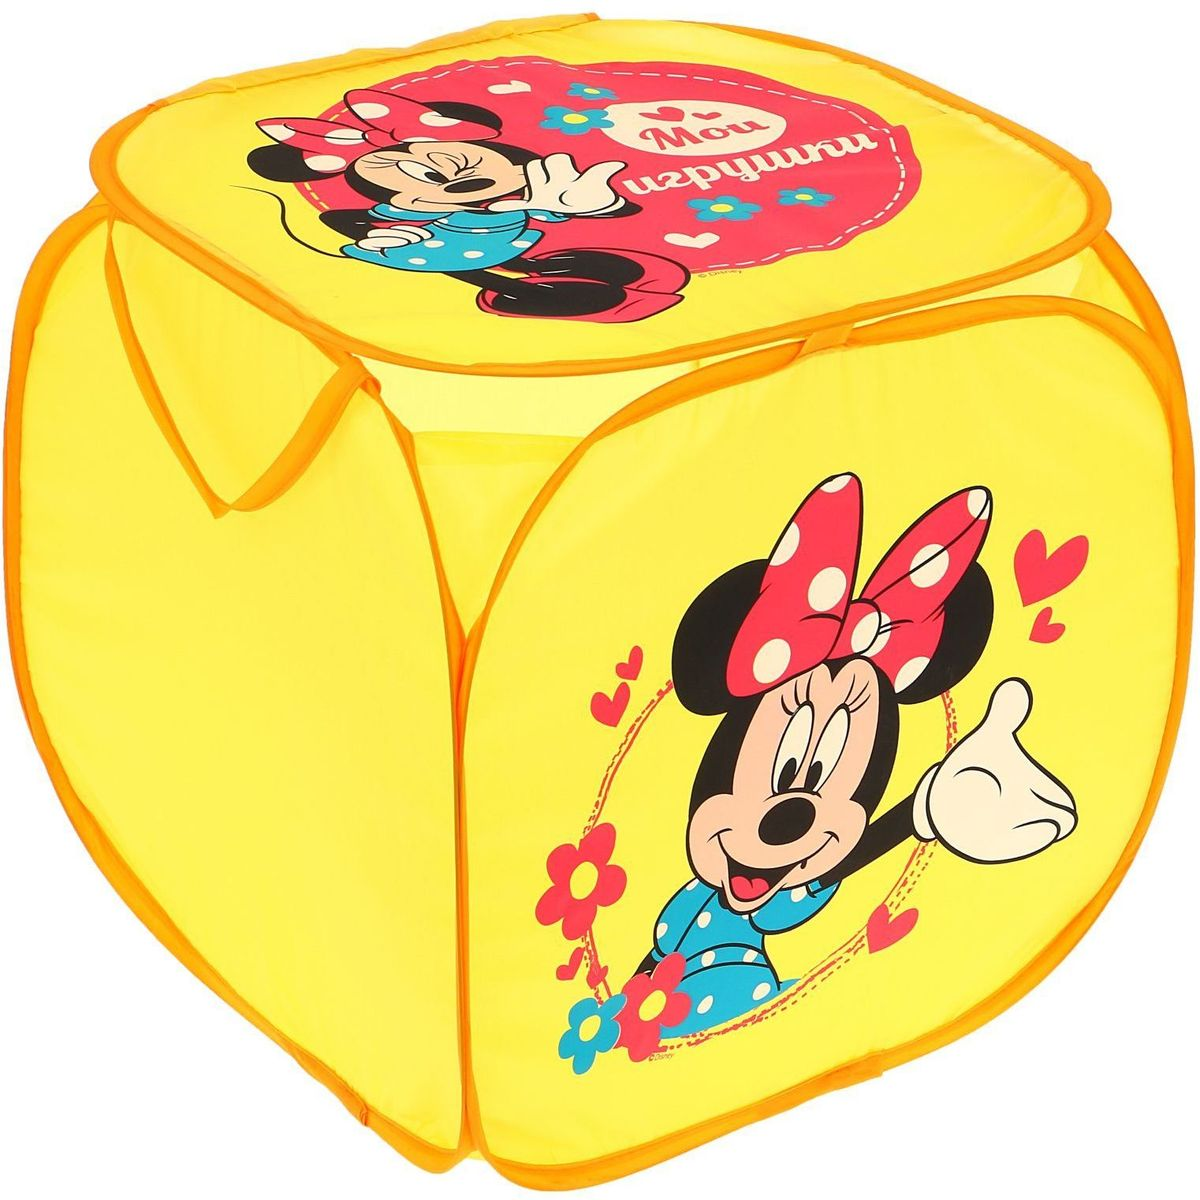 Disney Корзина для хранения Мои игрушки Минни Маус duran бесконечная шутка